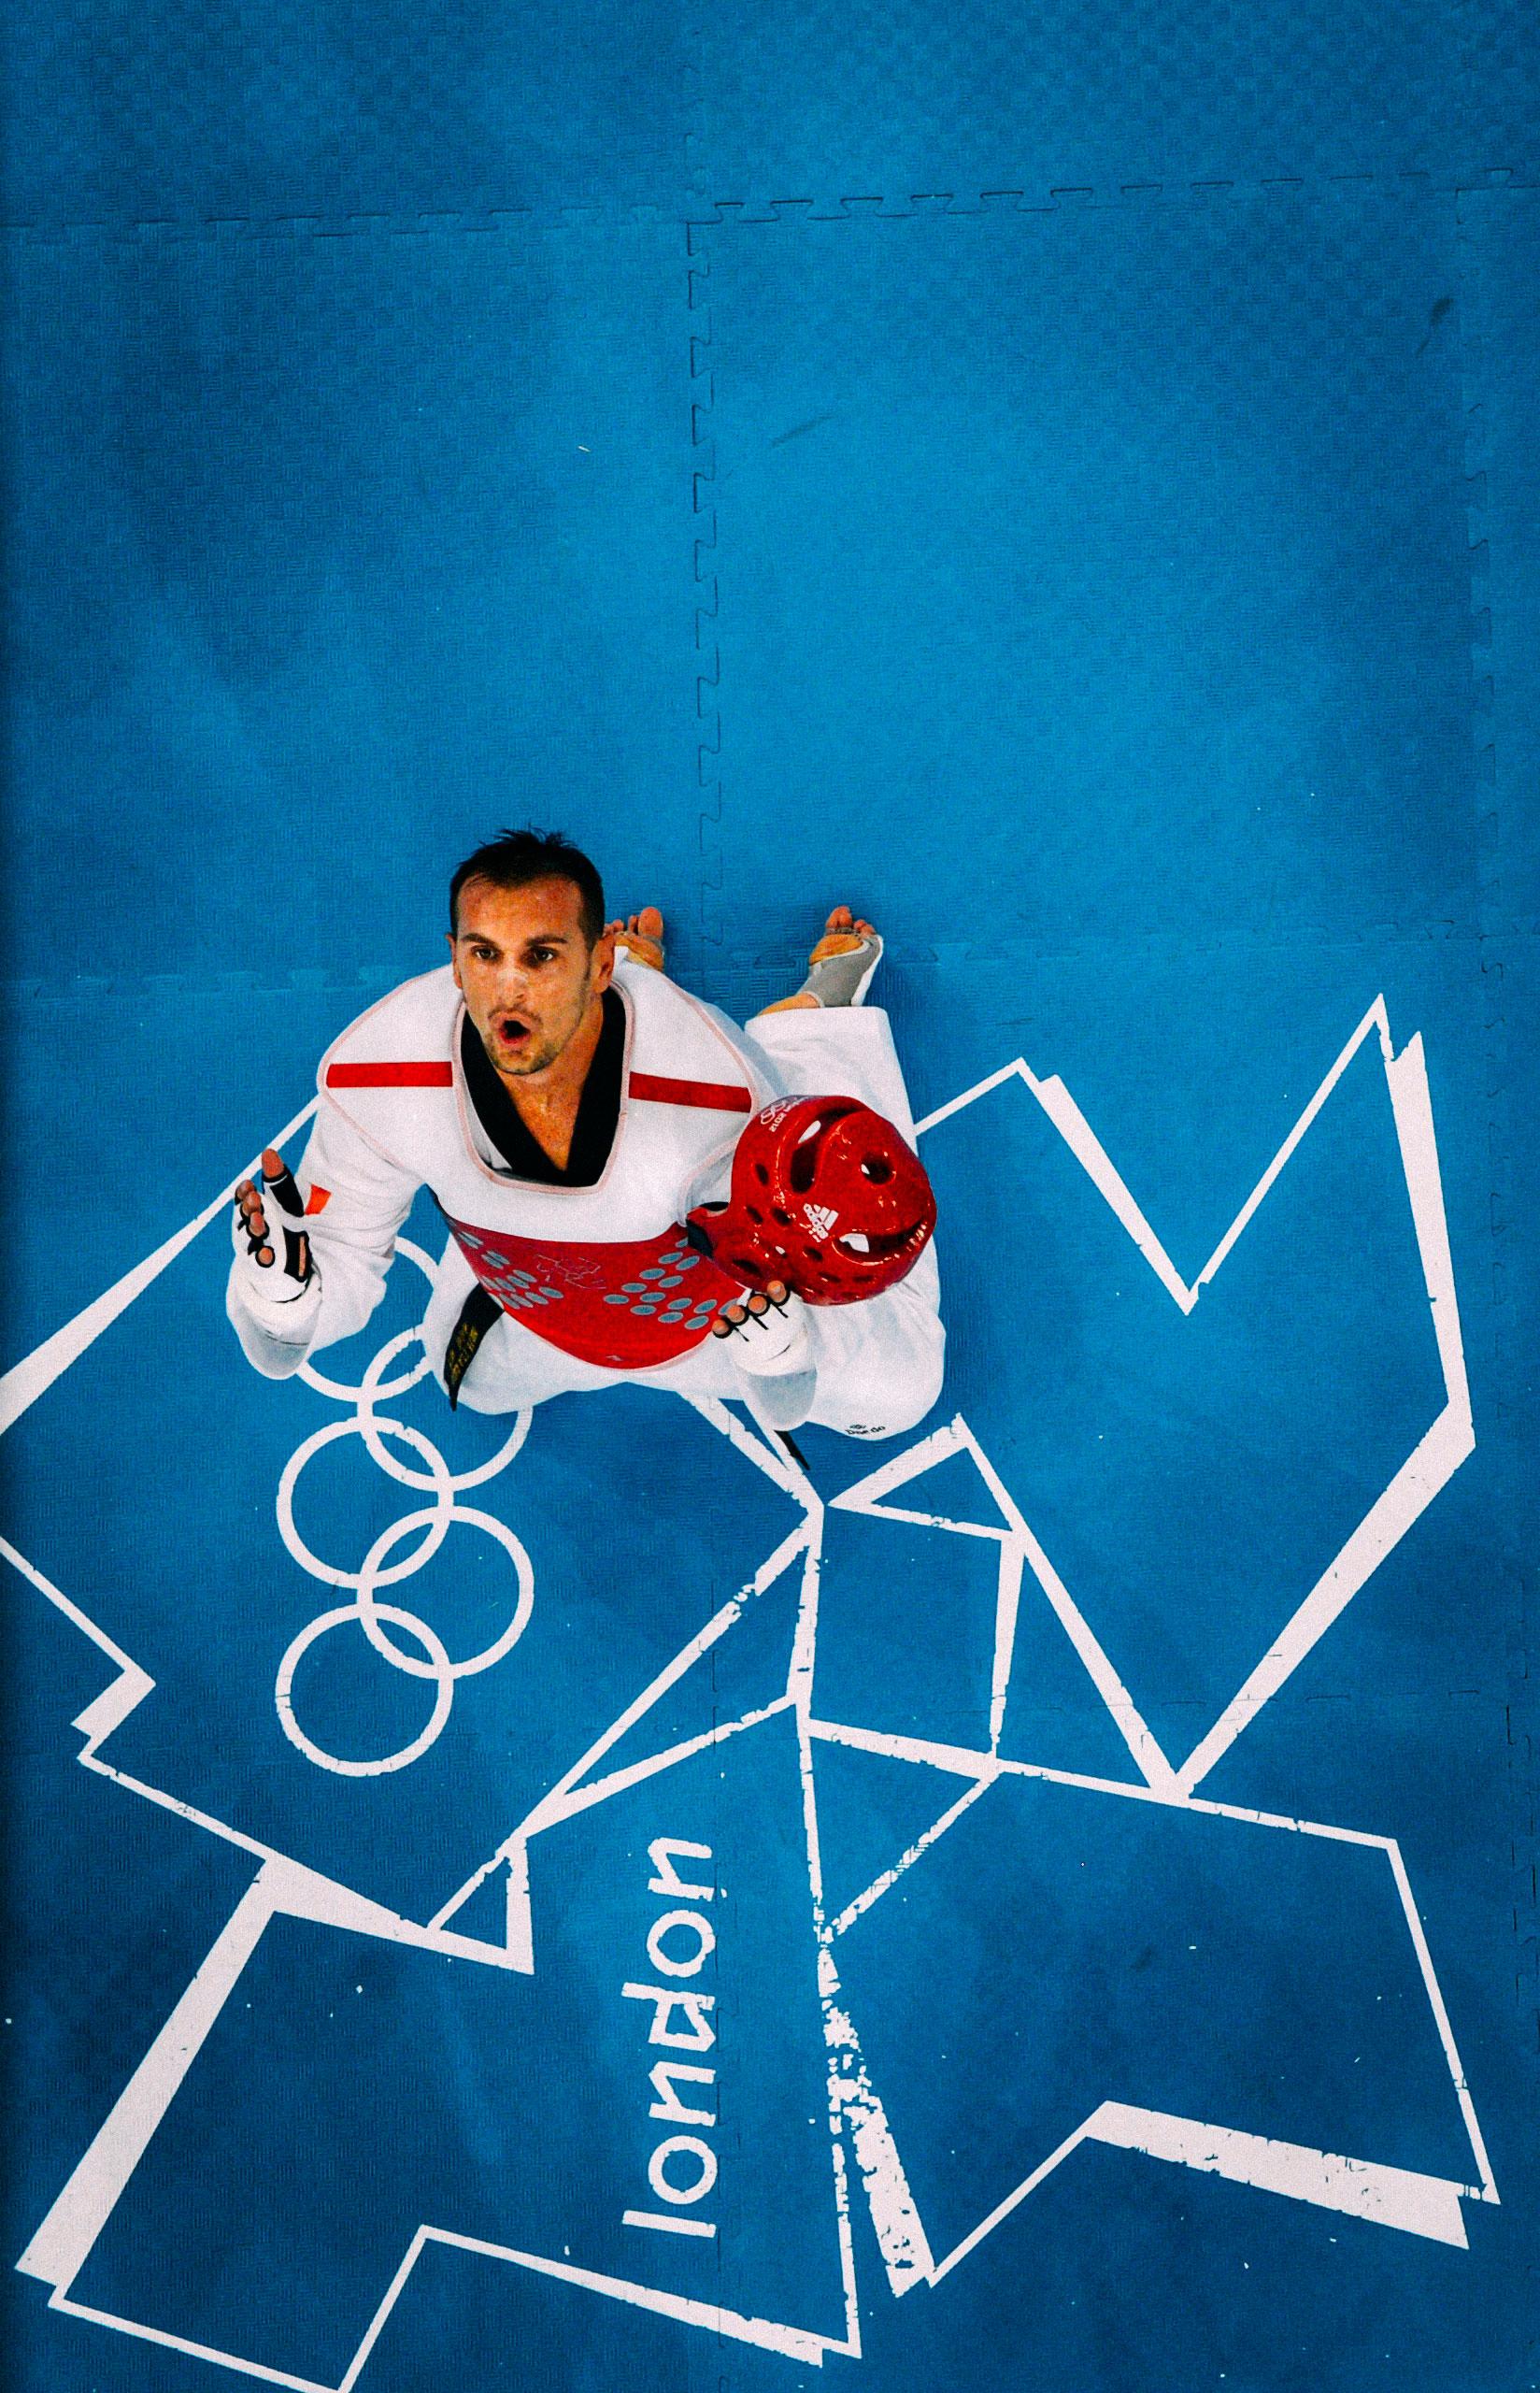 libroAngelo Cito Carlo Molfetta Oro Olimpiadi Londra 2012 L'importante non è partecipare